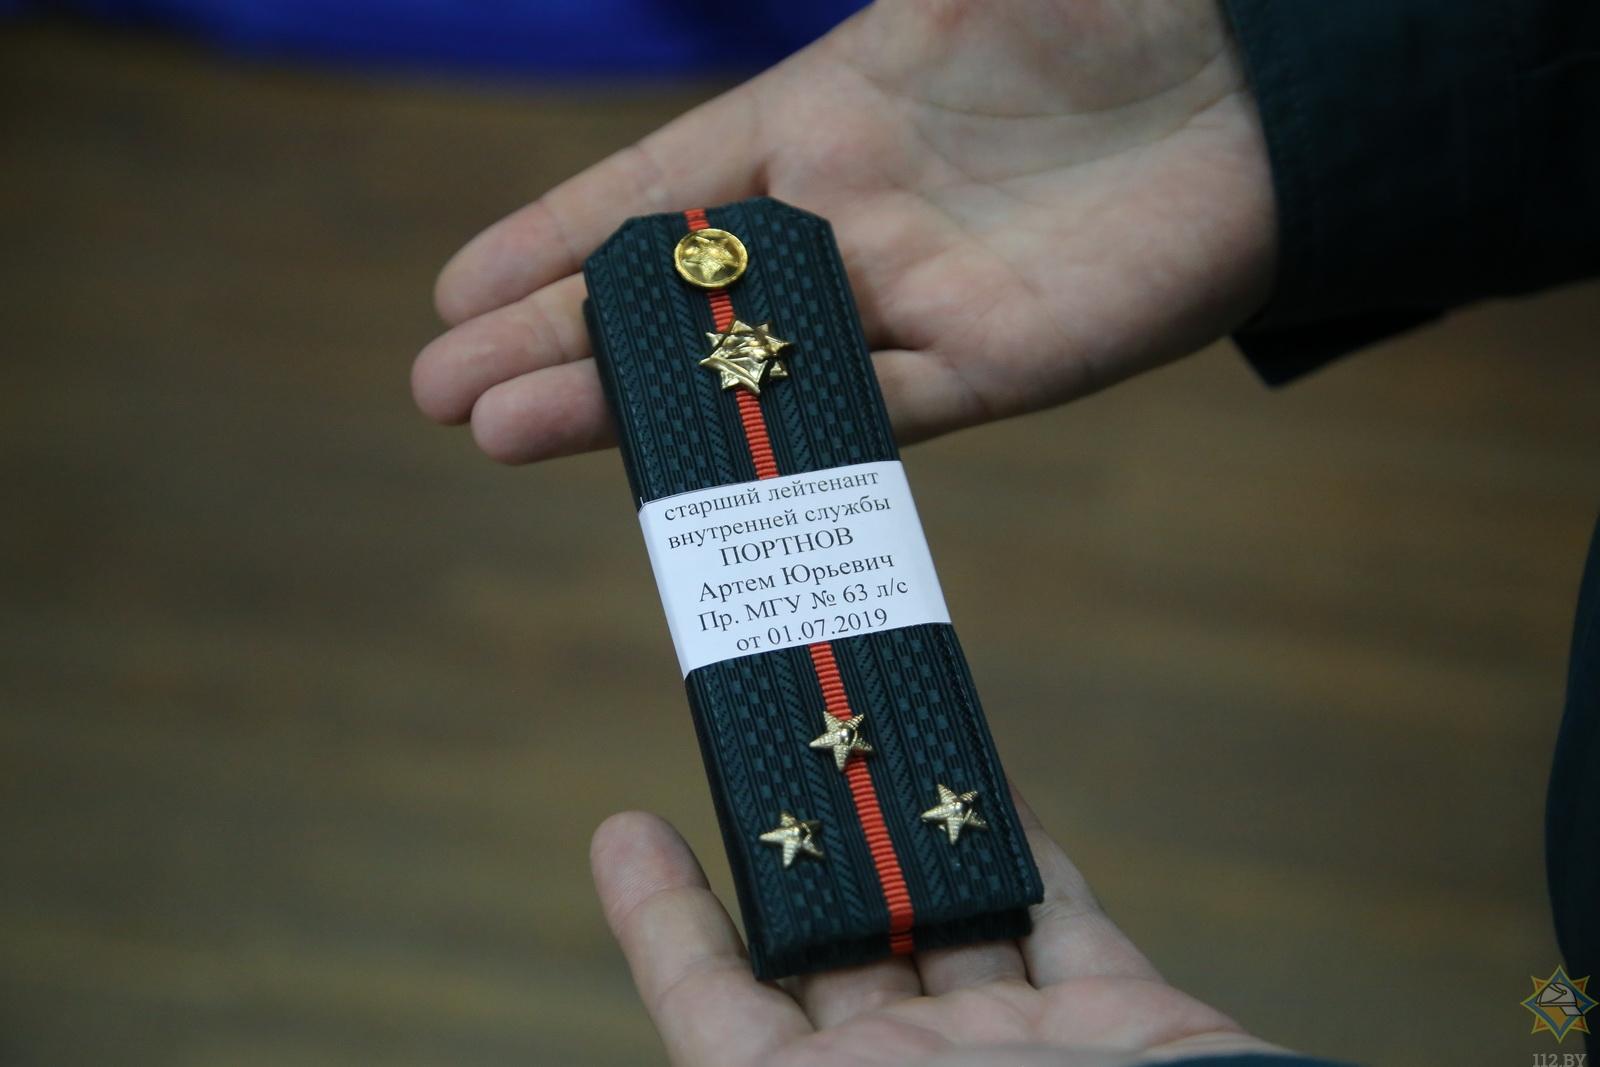 Поздравления со старшим лейтенантом корней зависит